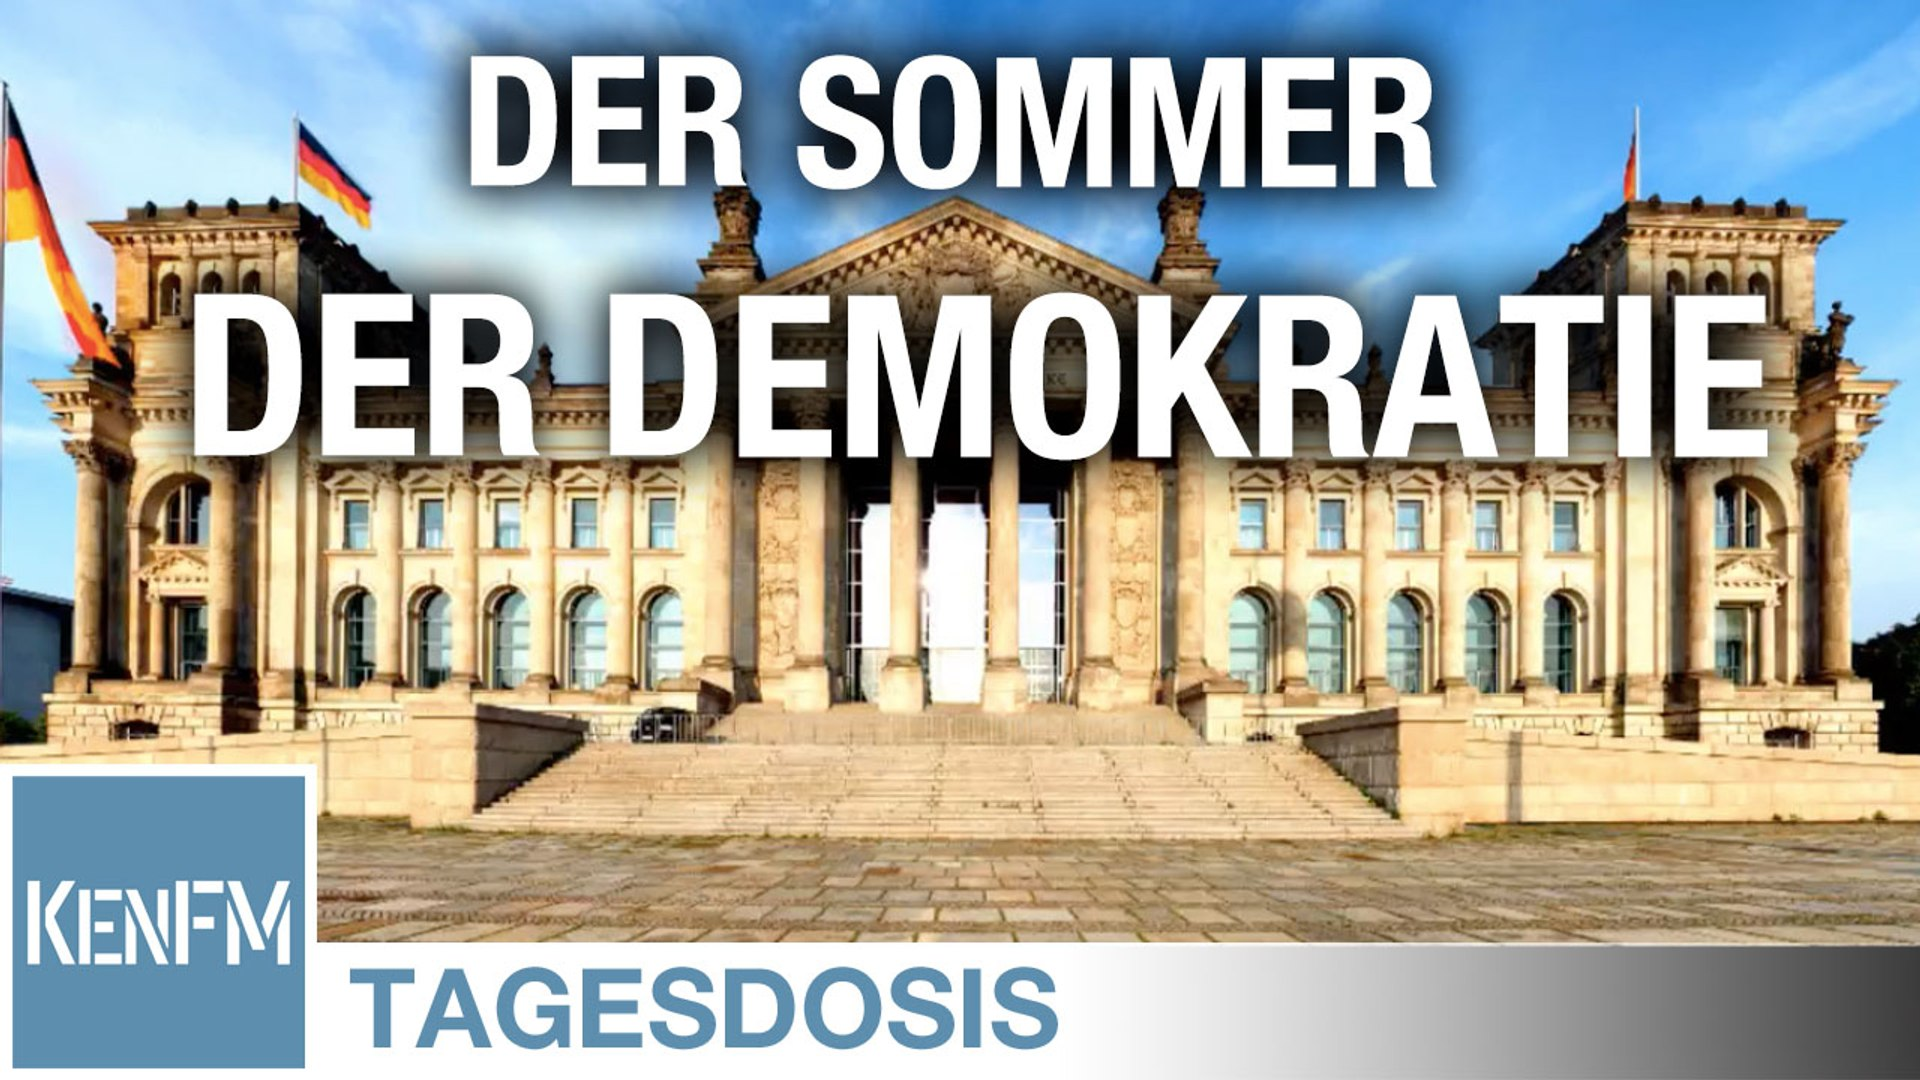 Der Sommer der Demokratie - Tagesdosis 10.6.2020